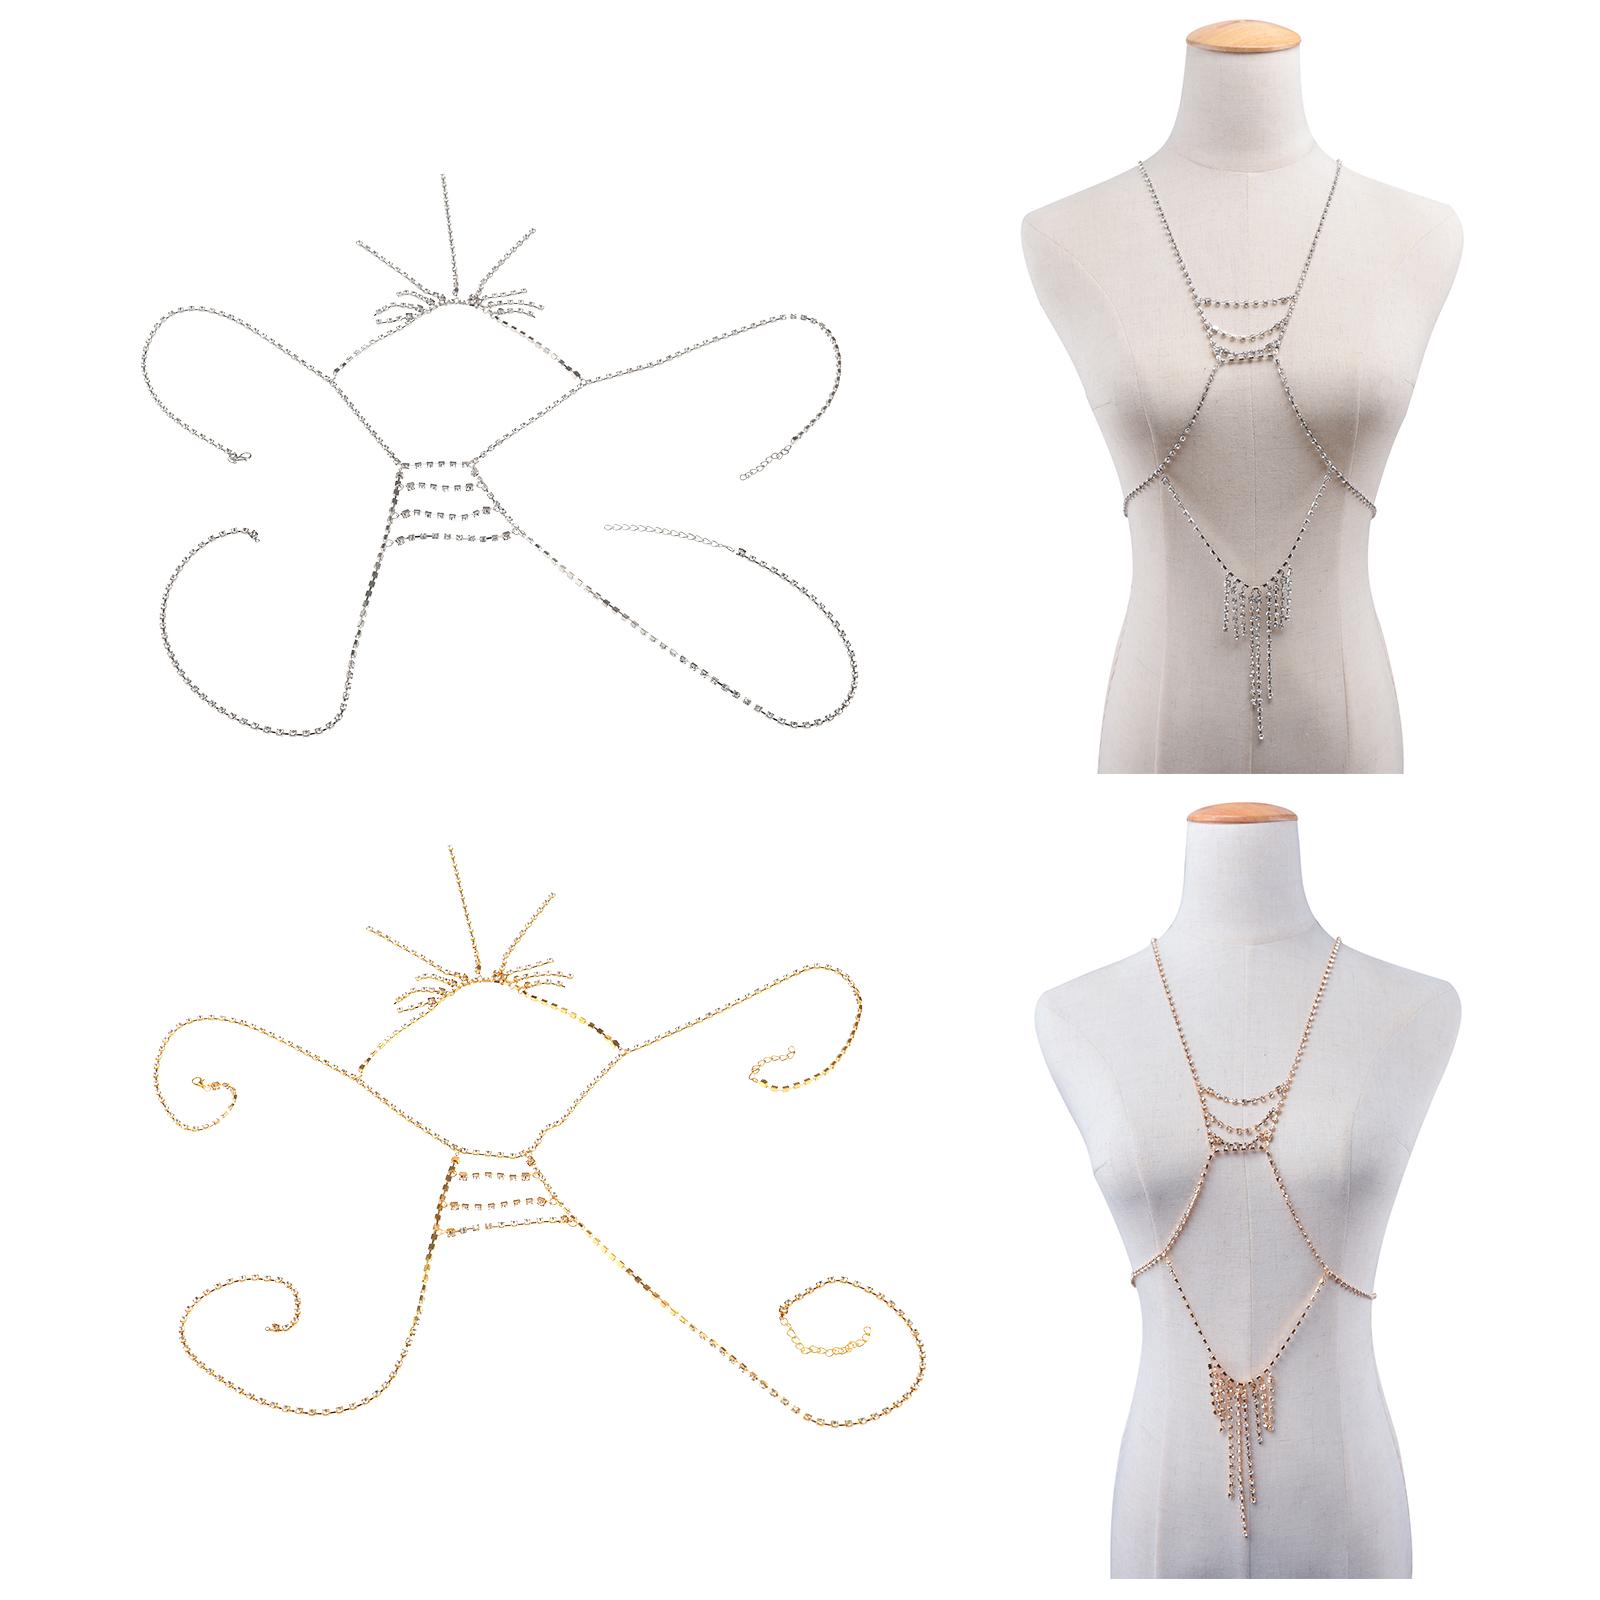 4b3b9792909 Women Bikini Rhinestone Harness Sexy Belly Waist Body Chain Neckline Jewelry